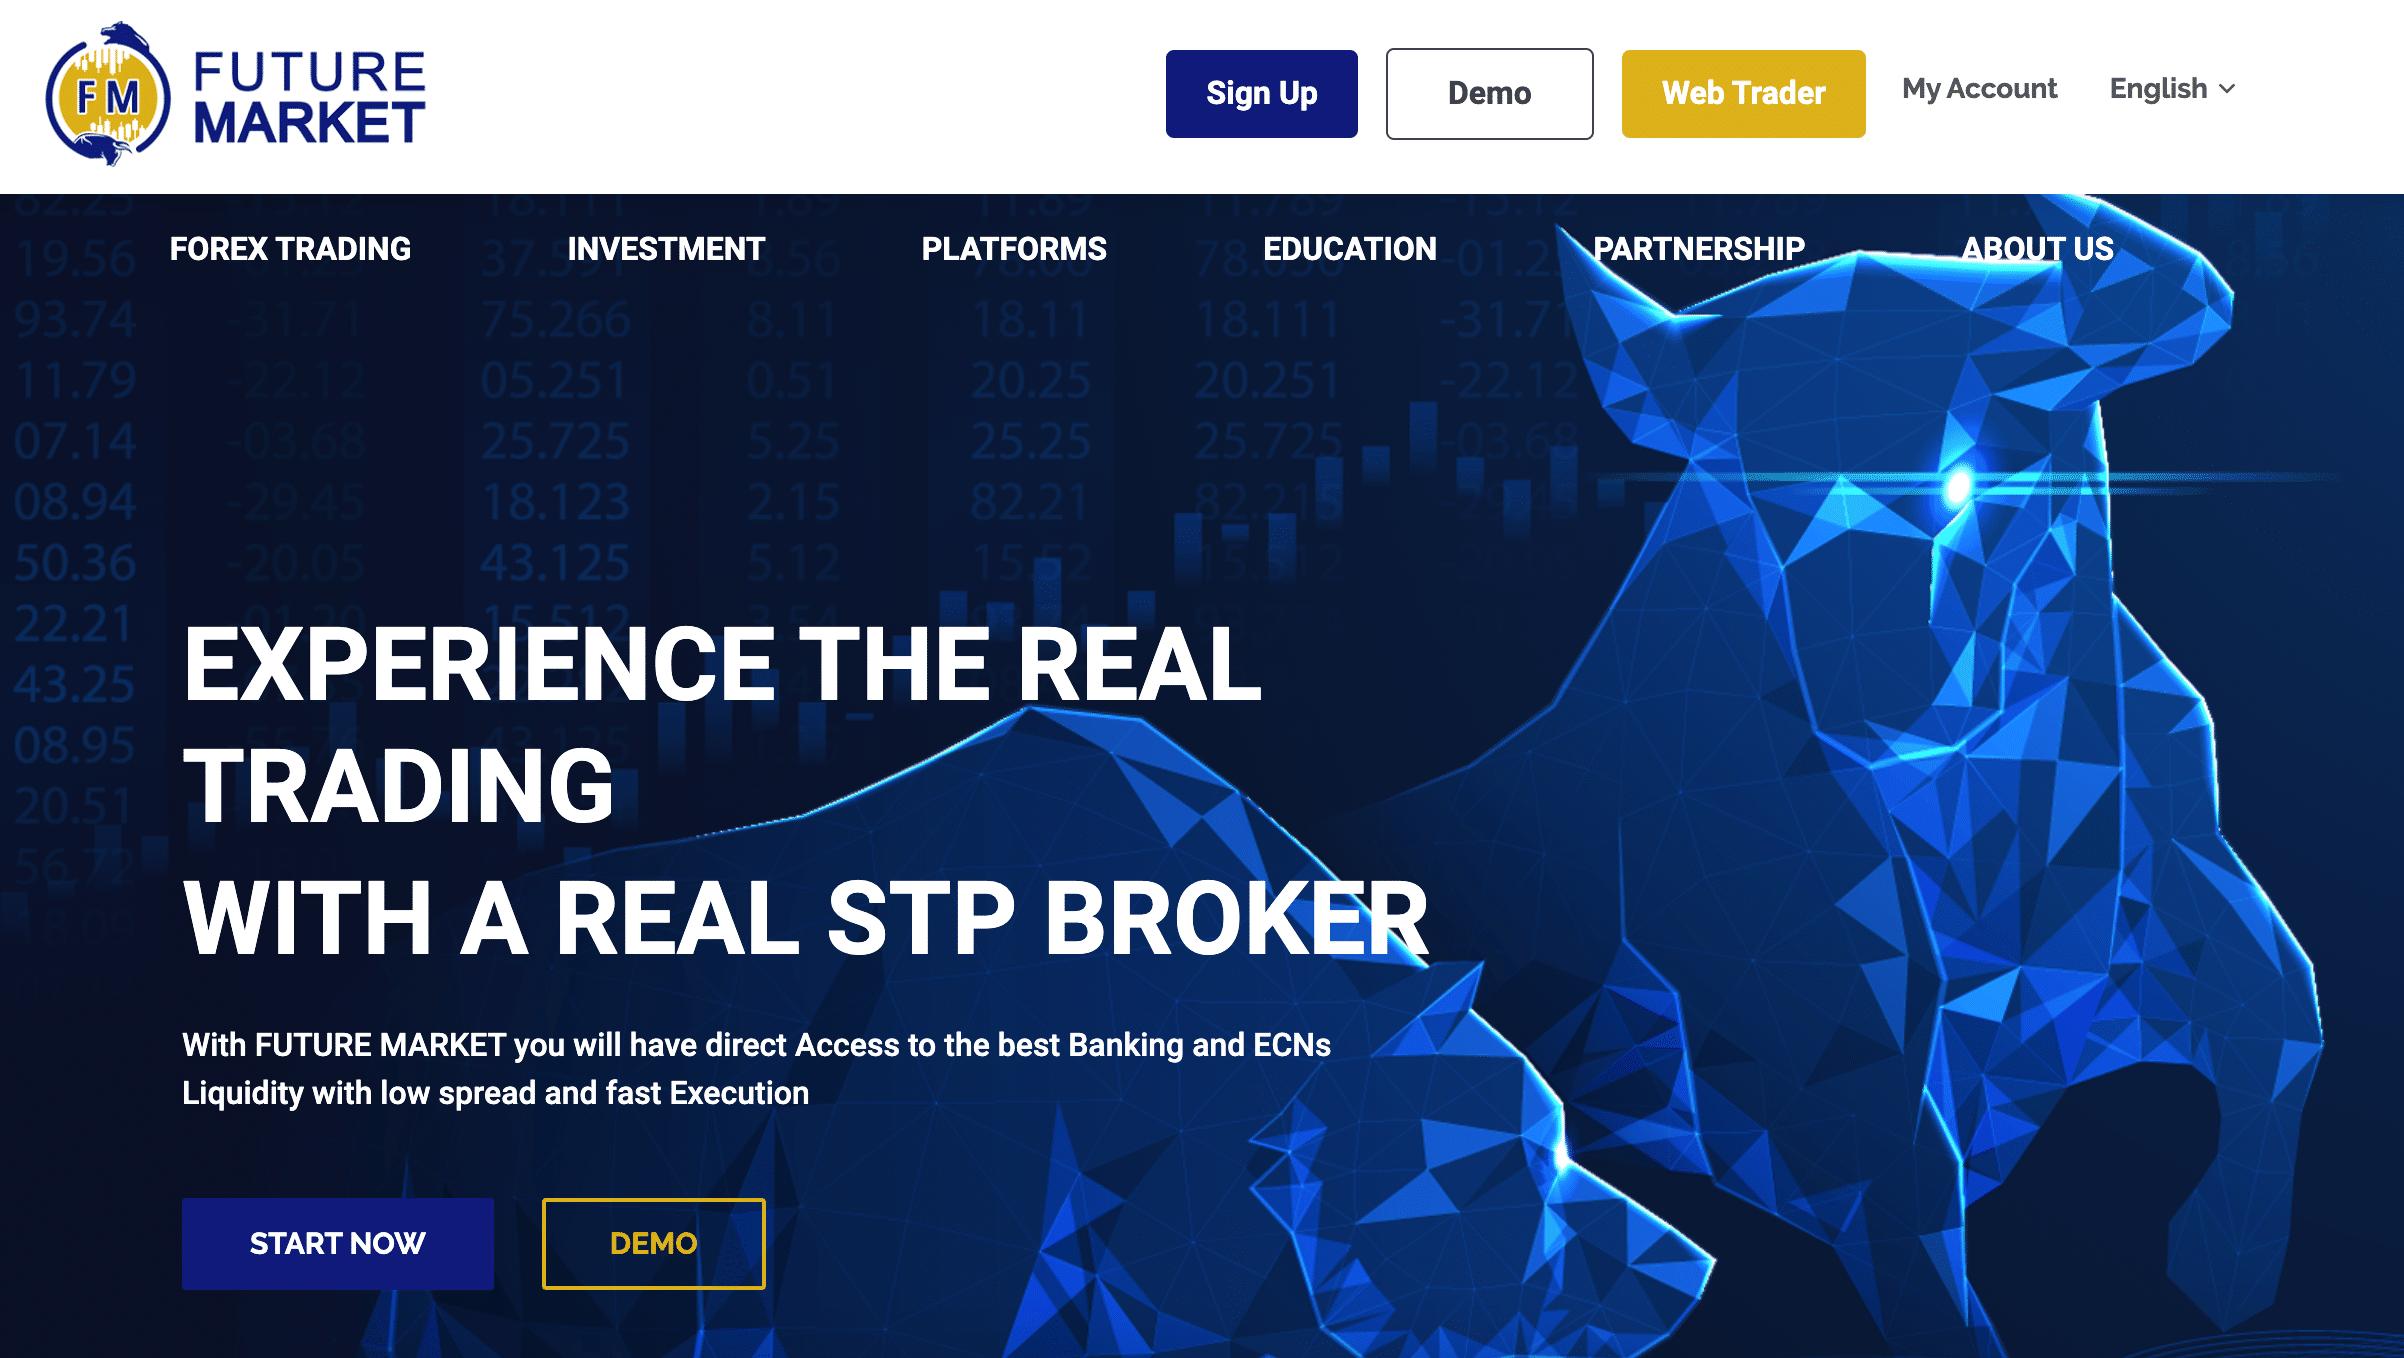 Future Market Broker truffa o funziona? Opinioni e recensioni